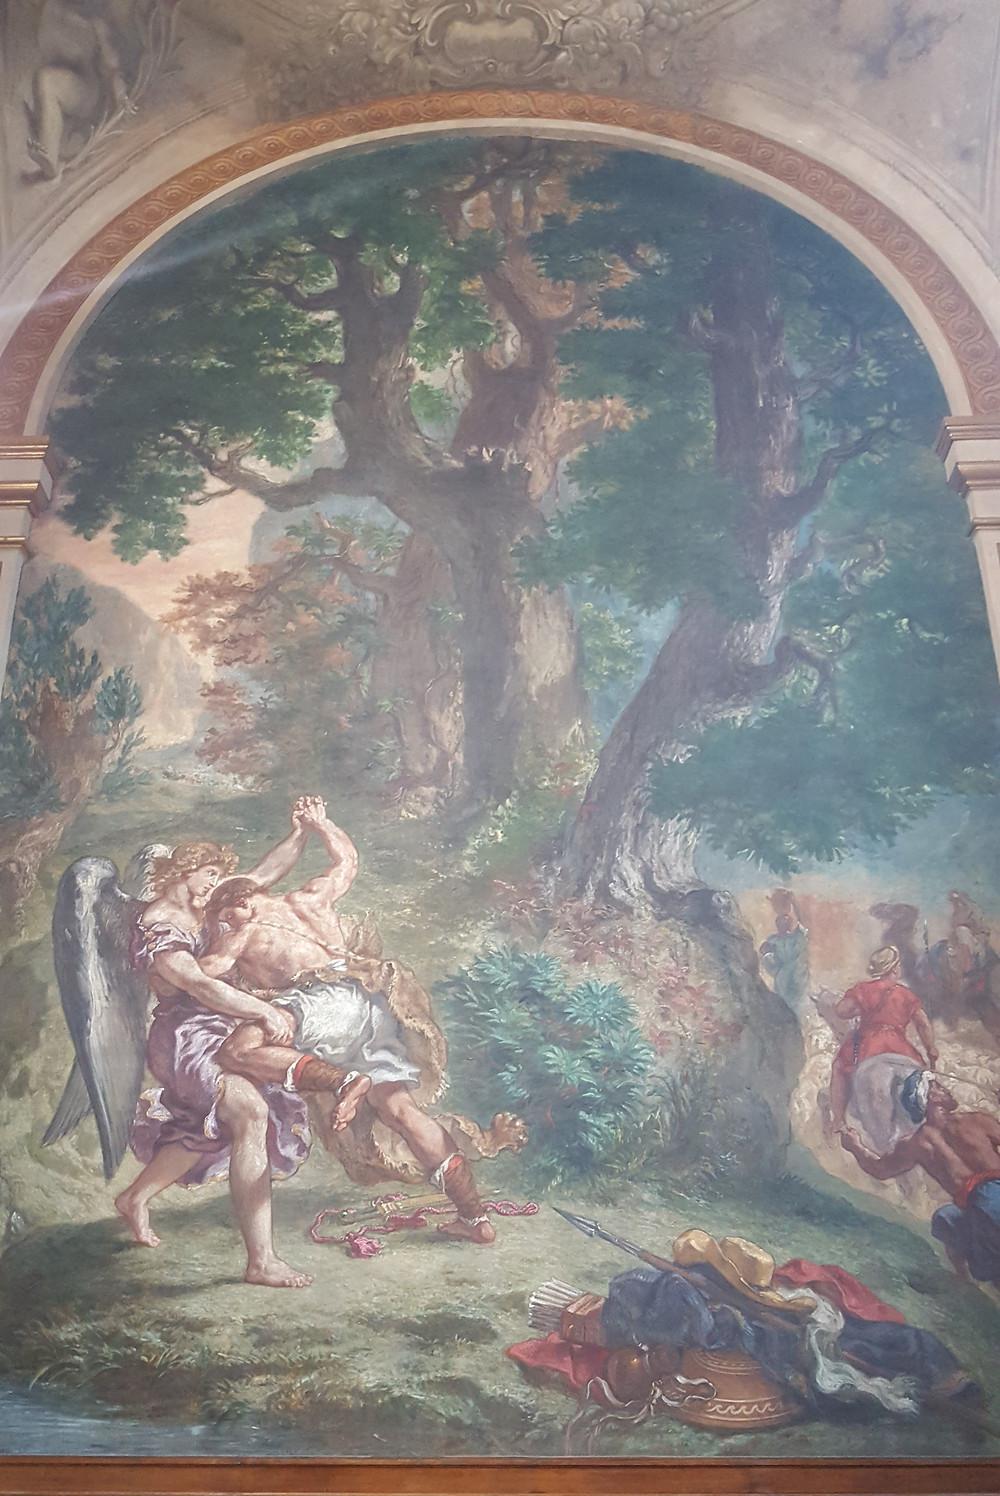 יצירה בכנסייה סן סולפיס בנושא יעקב נאבק עם מלאך